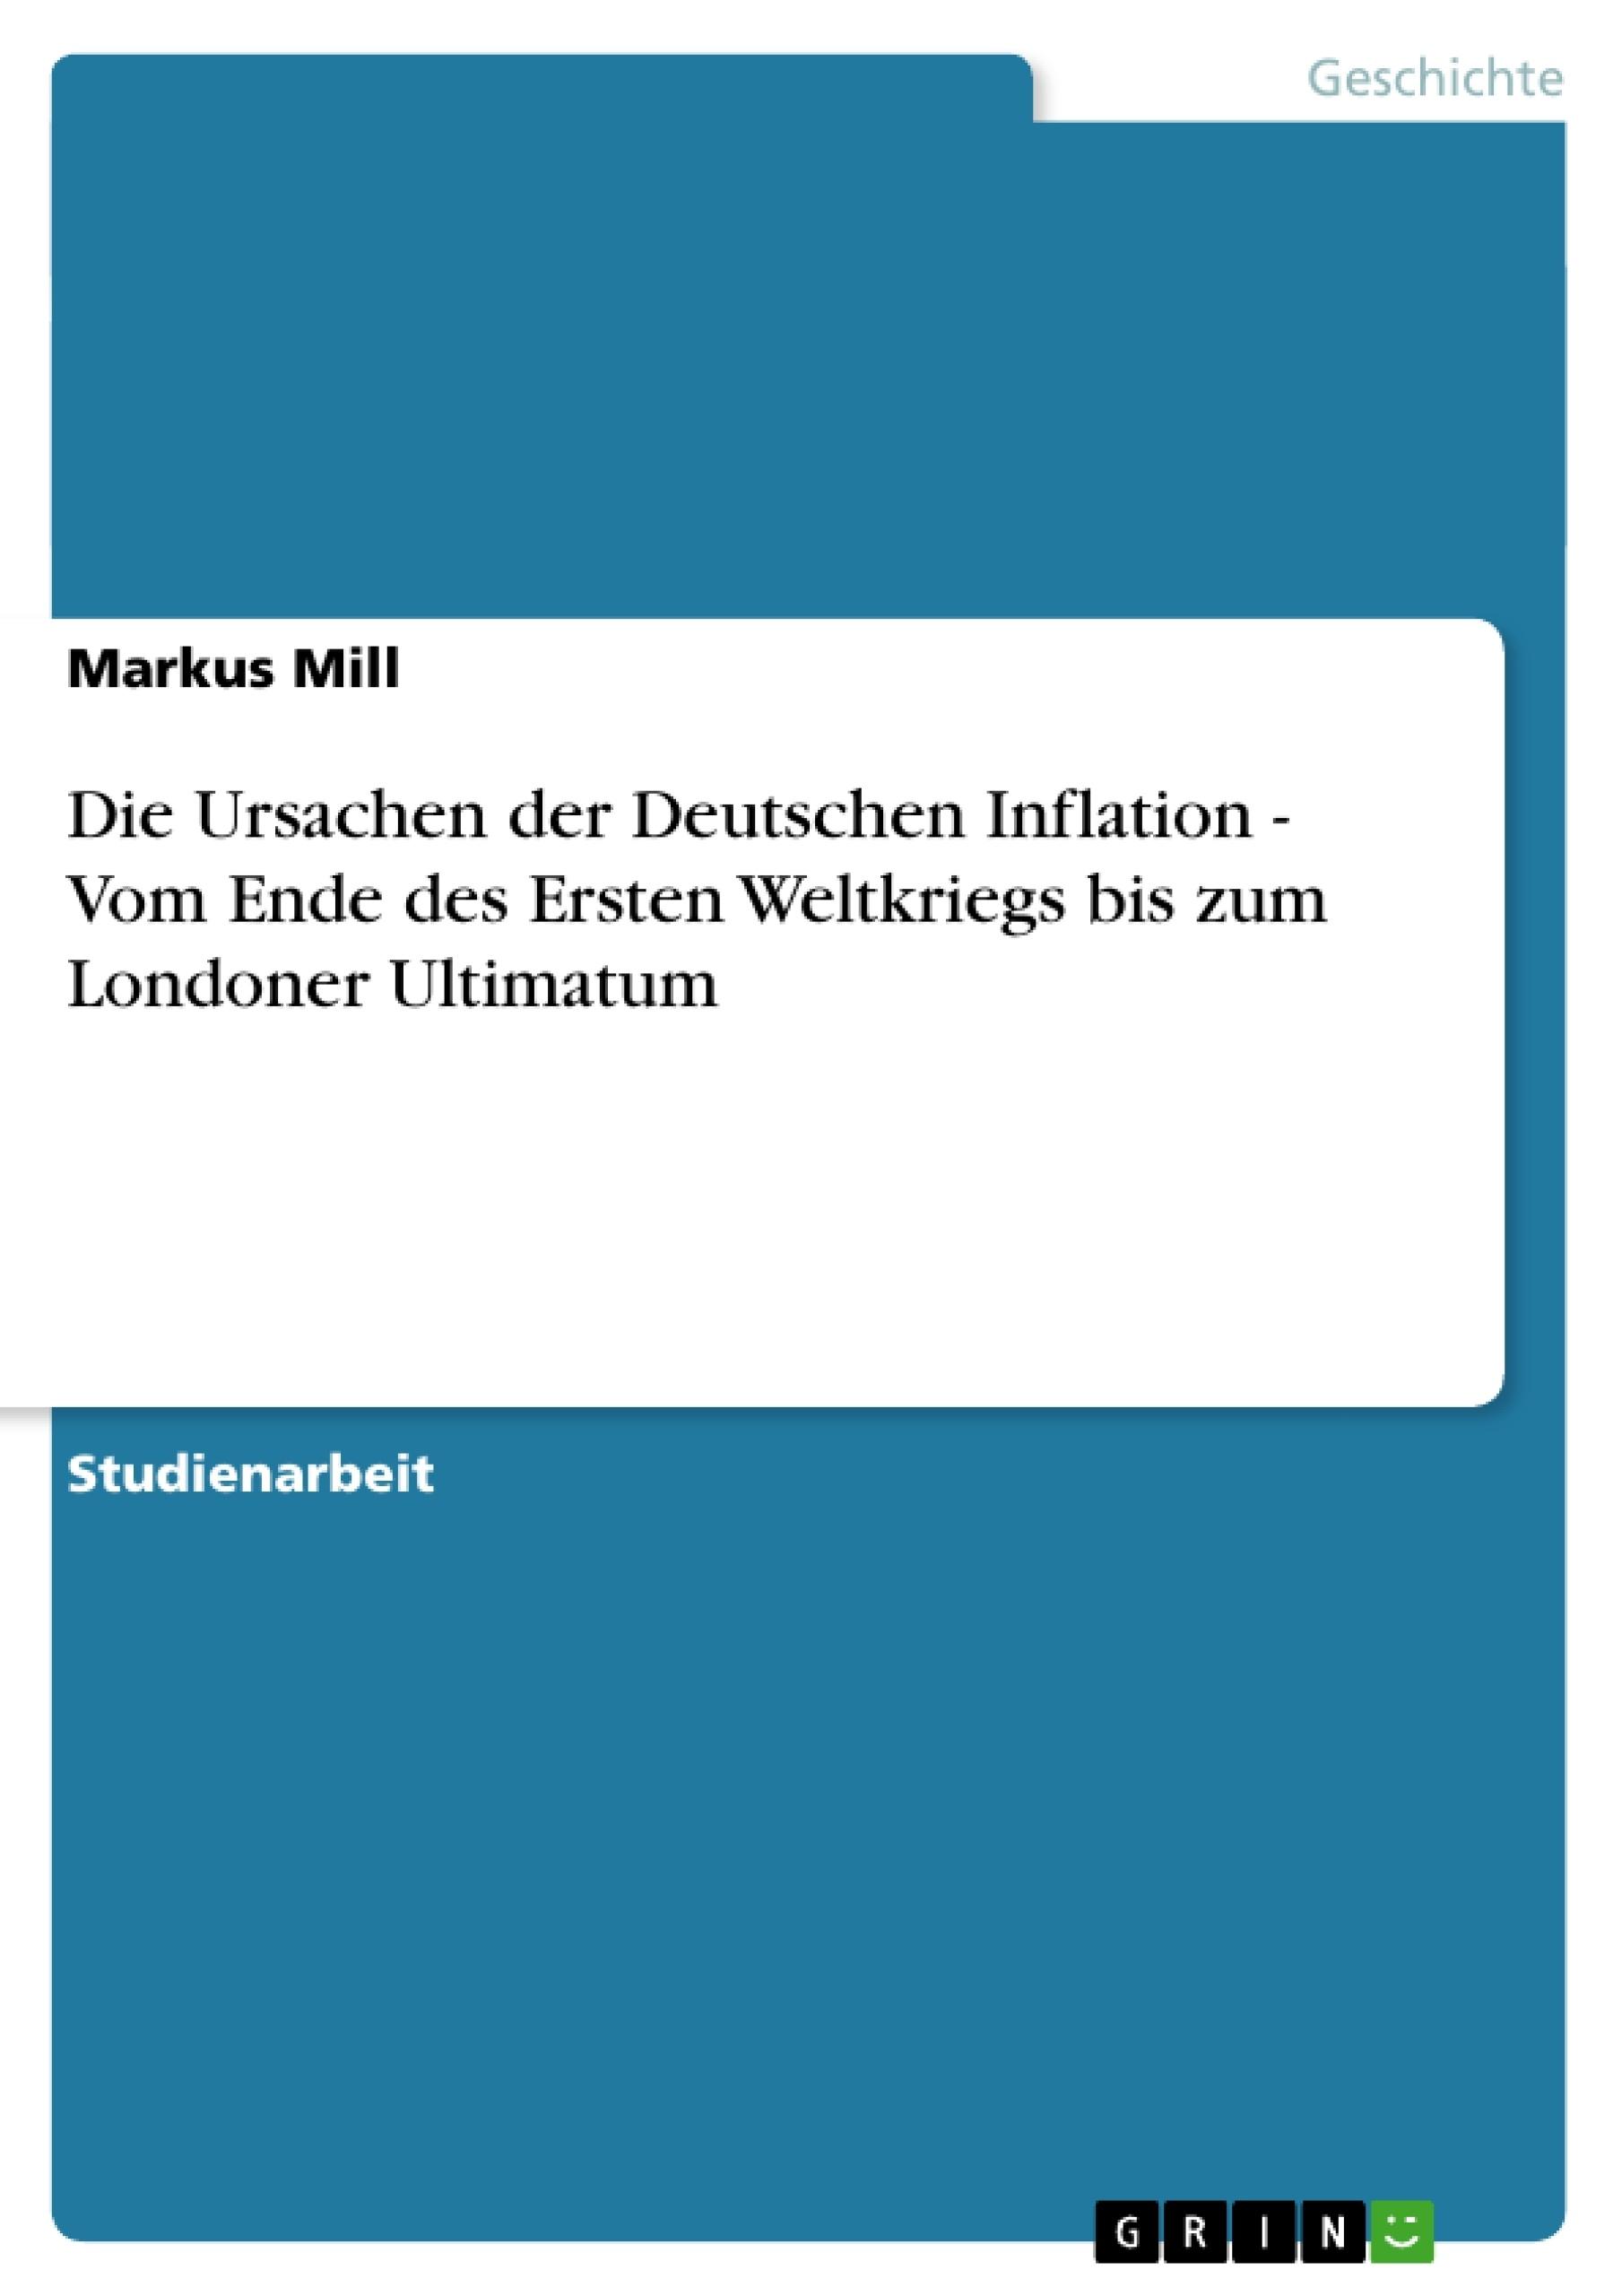 Titel: Die Ursachen der Deutschen Inflation - Vom Ende des Ersten Weltkriegs bis zum Londoner Ultimatum